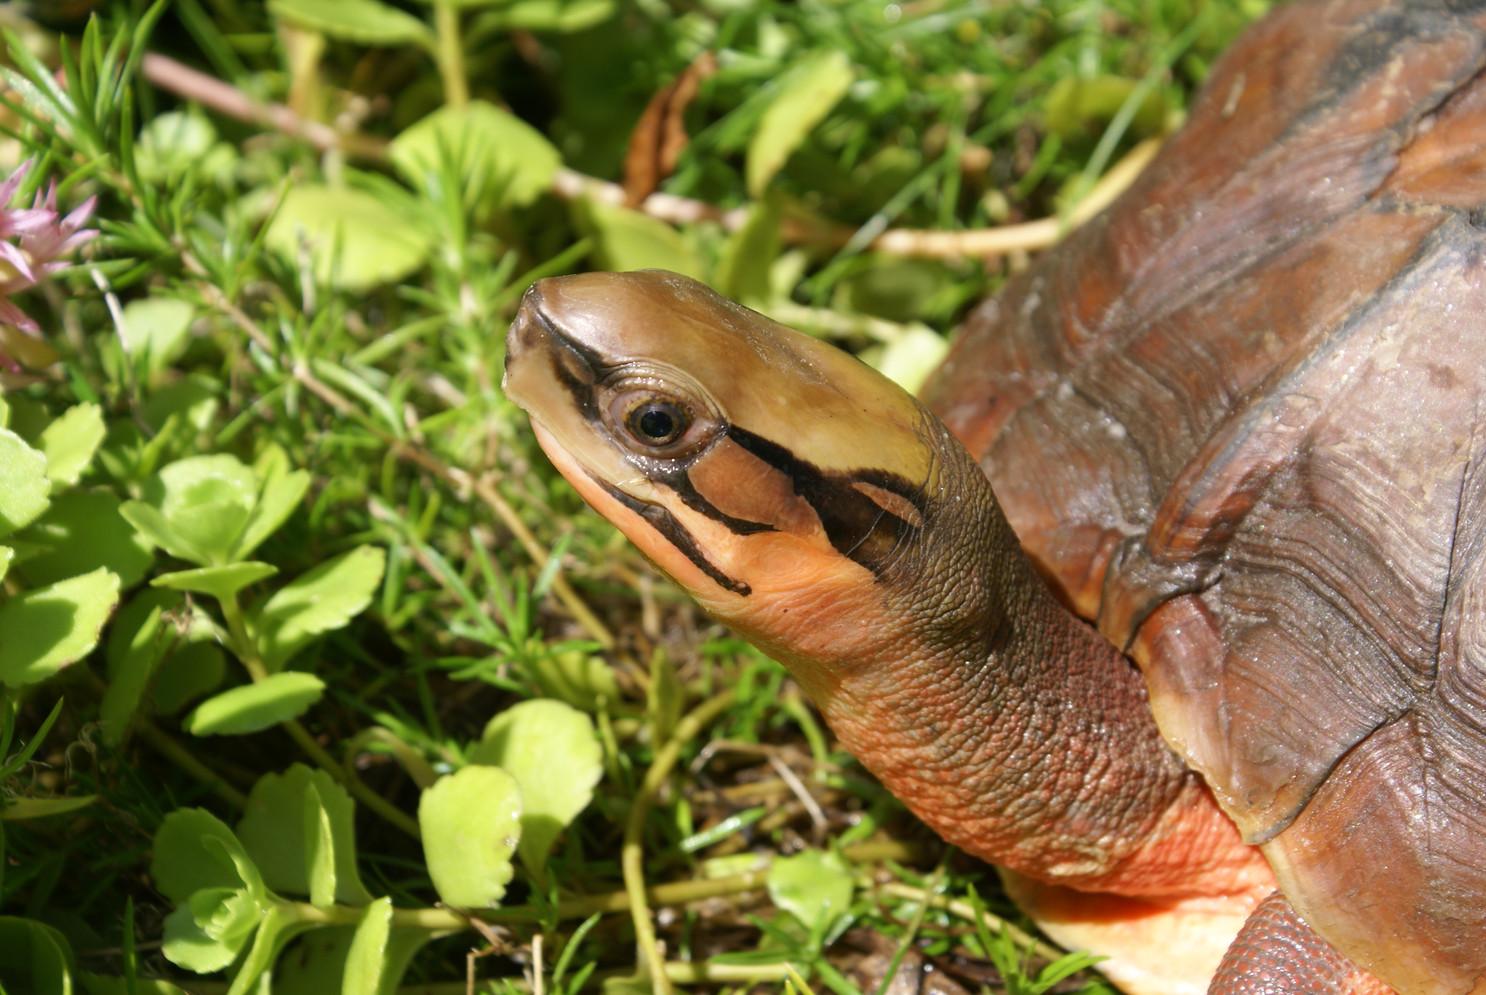 Cuora c. cyclornata female